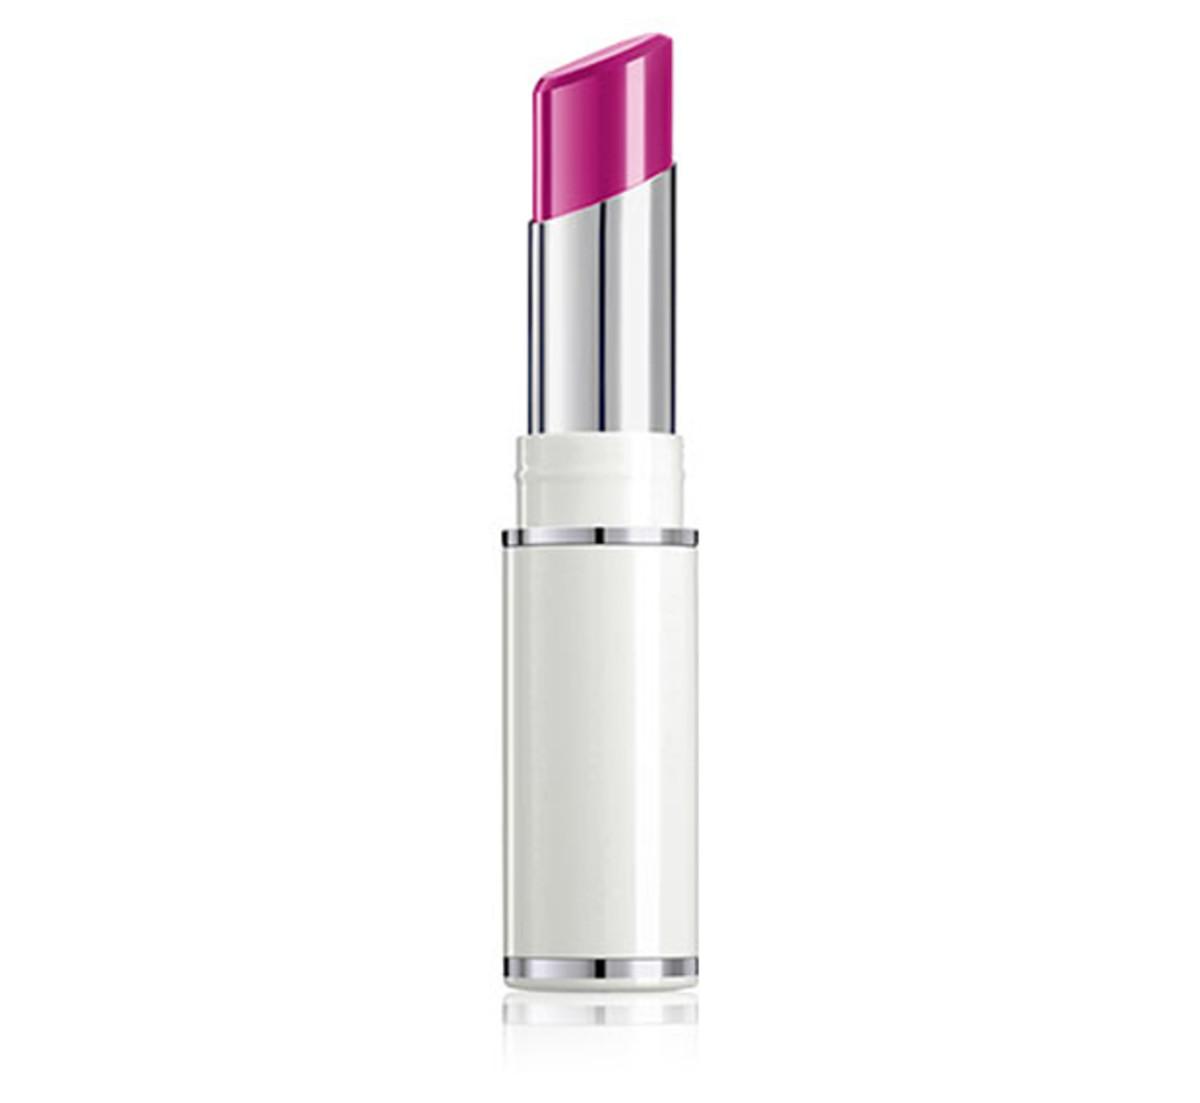 Lancome Shine Lover Vibrant Shine Lipstick in 373 Palpitante